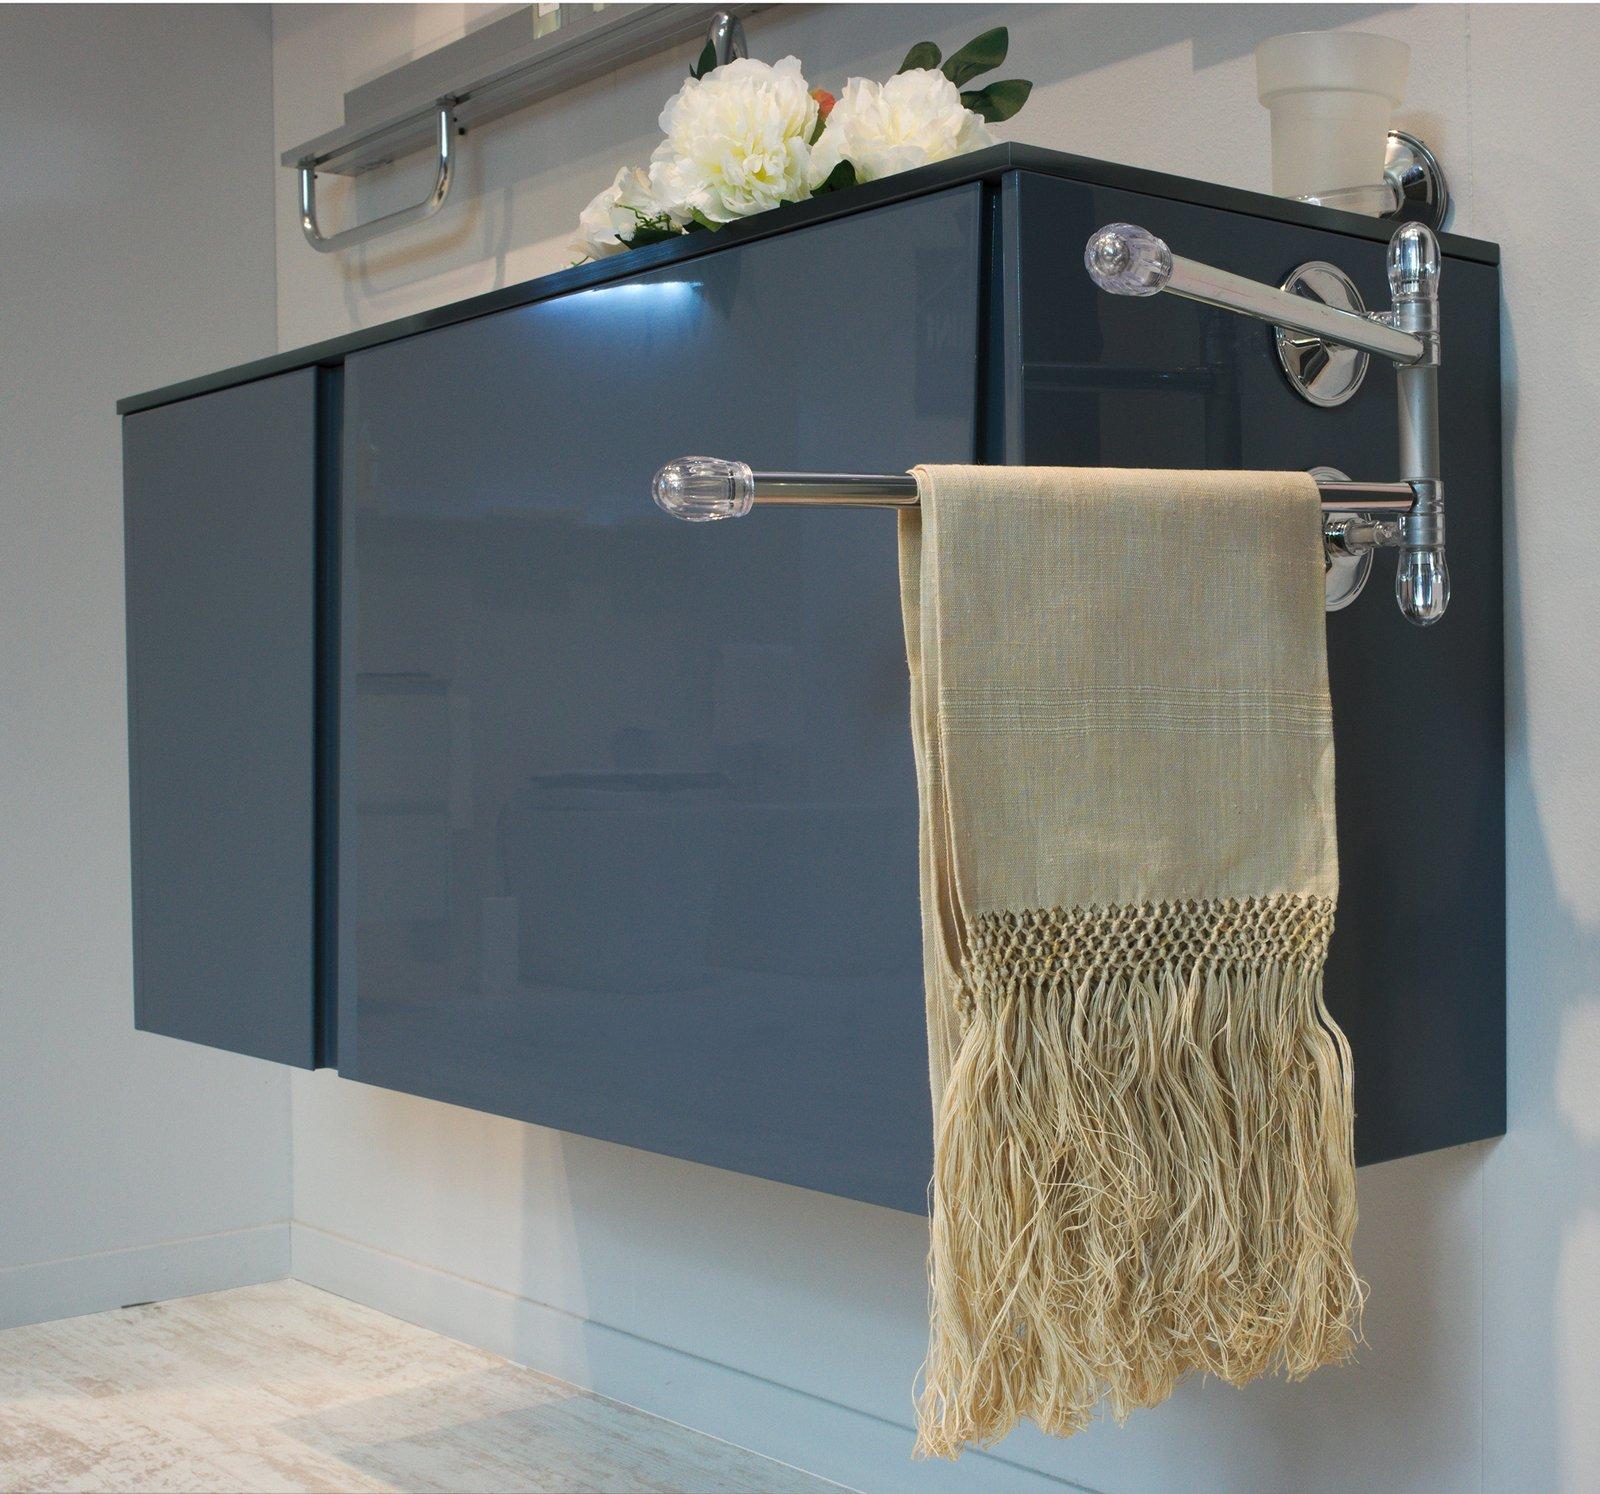 Portasciugamani per il bagno cose di casa - Cestini bagno ikea ...